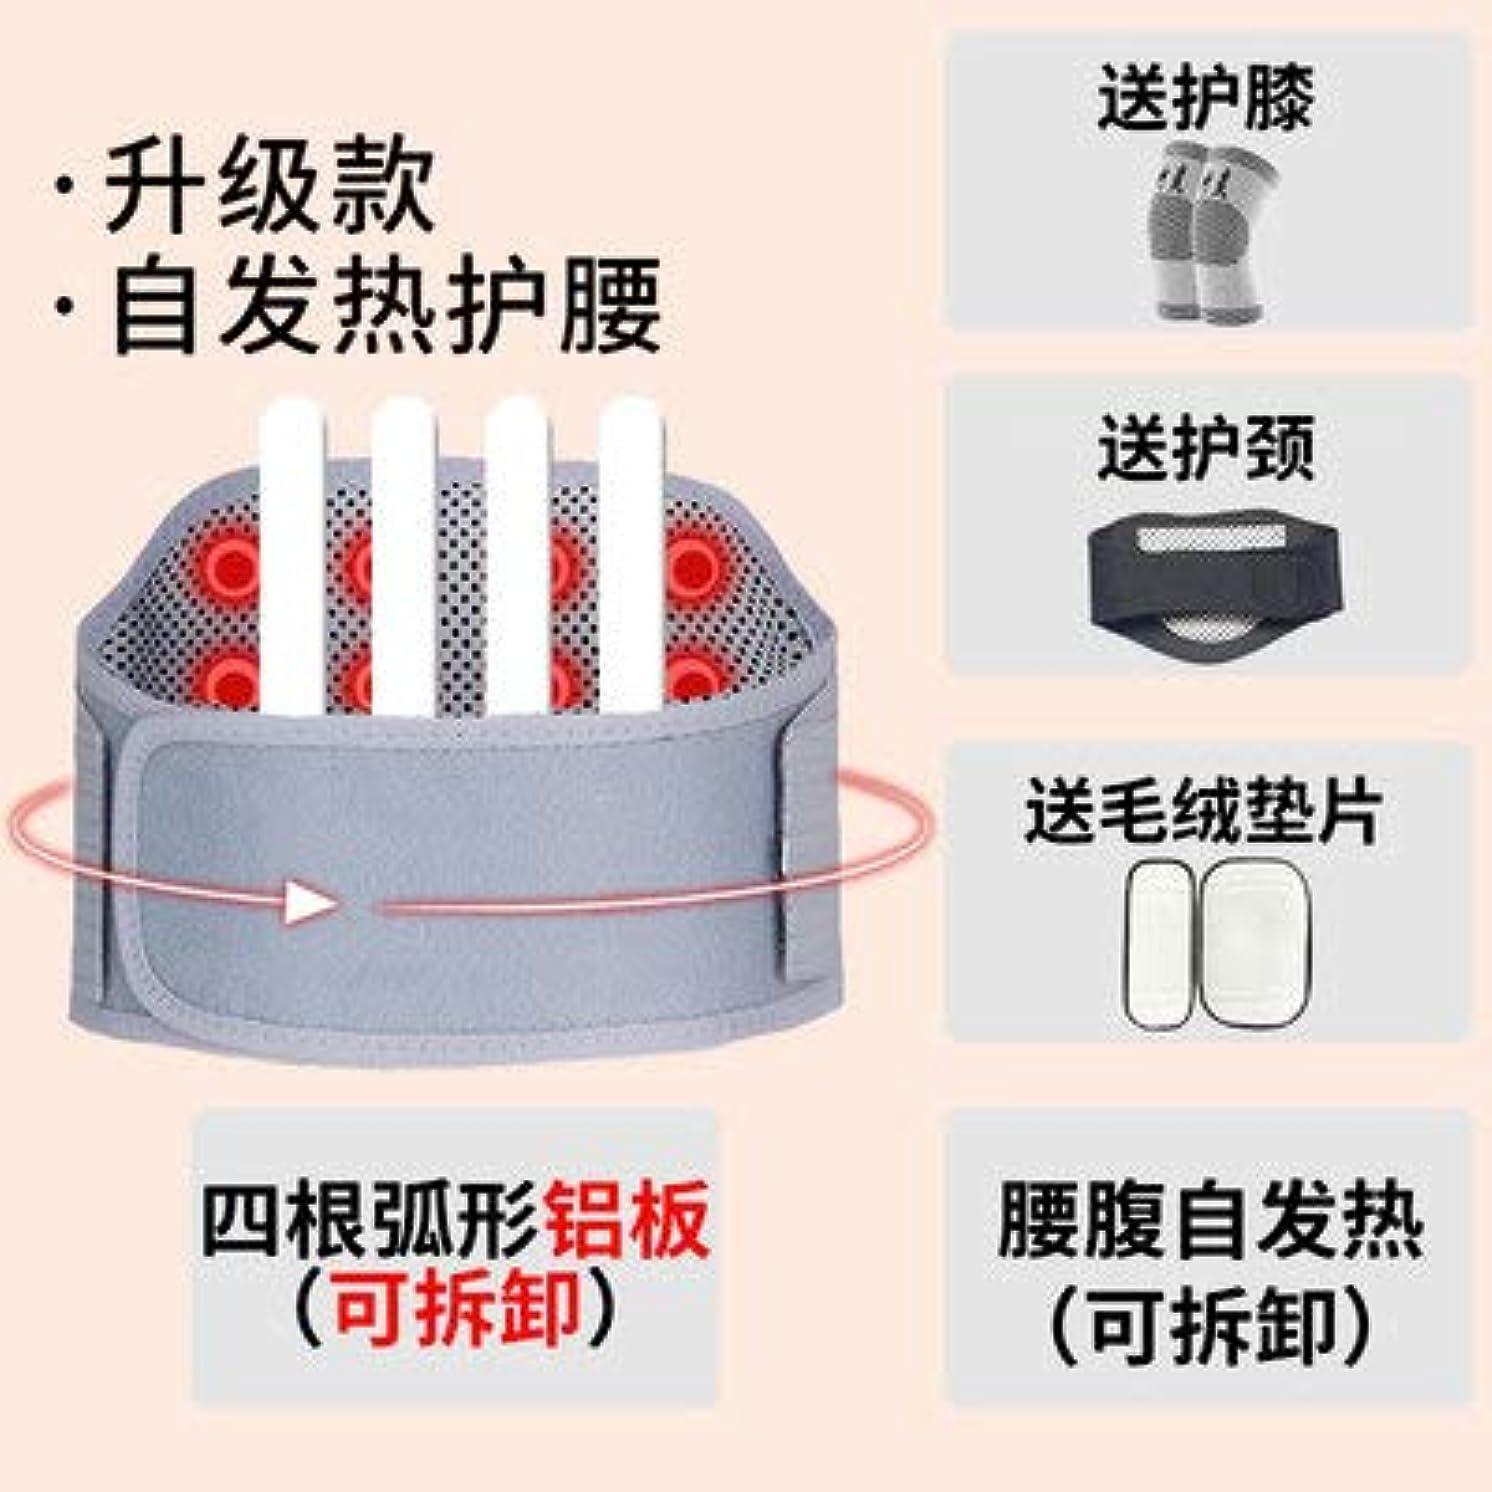 特許のヒープ溶融熱の磁力でベルトの腰の間の皿の損をして腰の椎皿を損して腰を突き出して腰を突き出して男女の保温防寒の腰の痛みの保健 [並行輸入品]